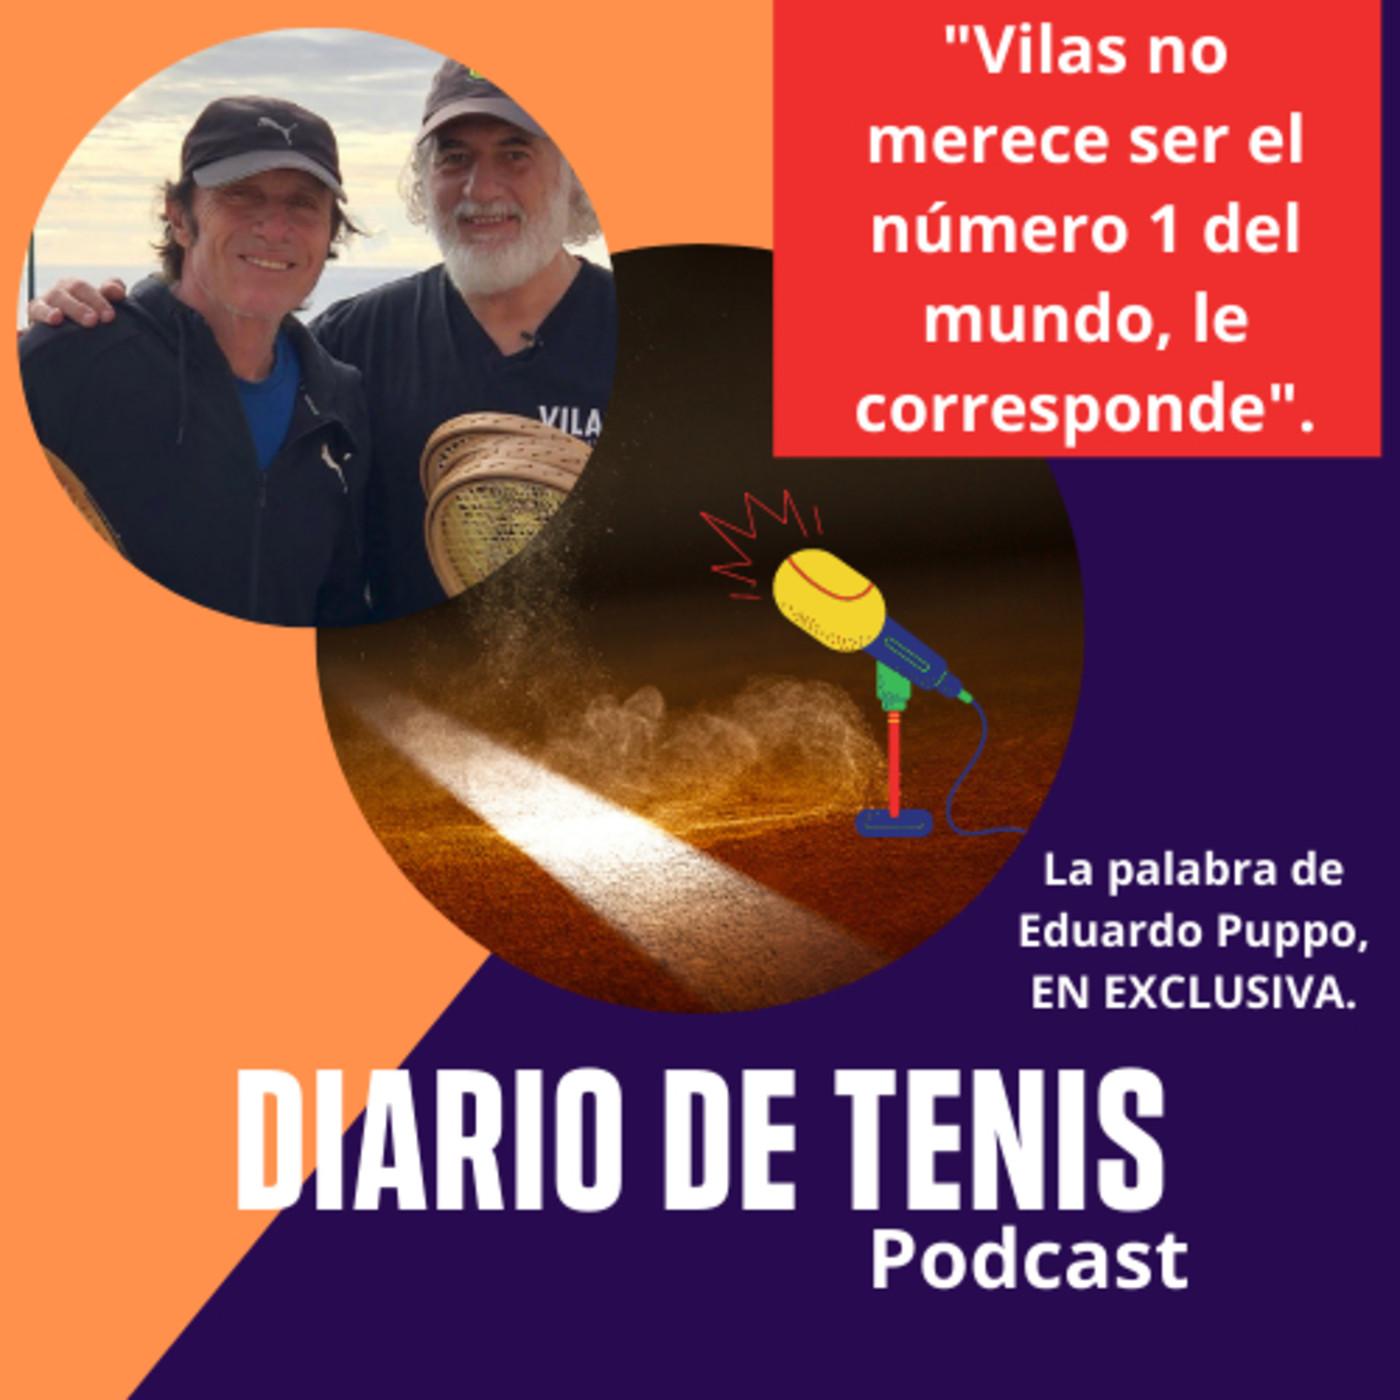 Diario de Tenis Podcast, Episodio 9: Programa especial dedicado a Guillermo Vilas